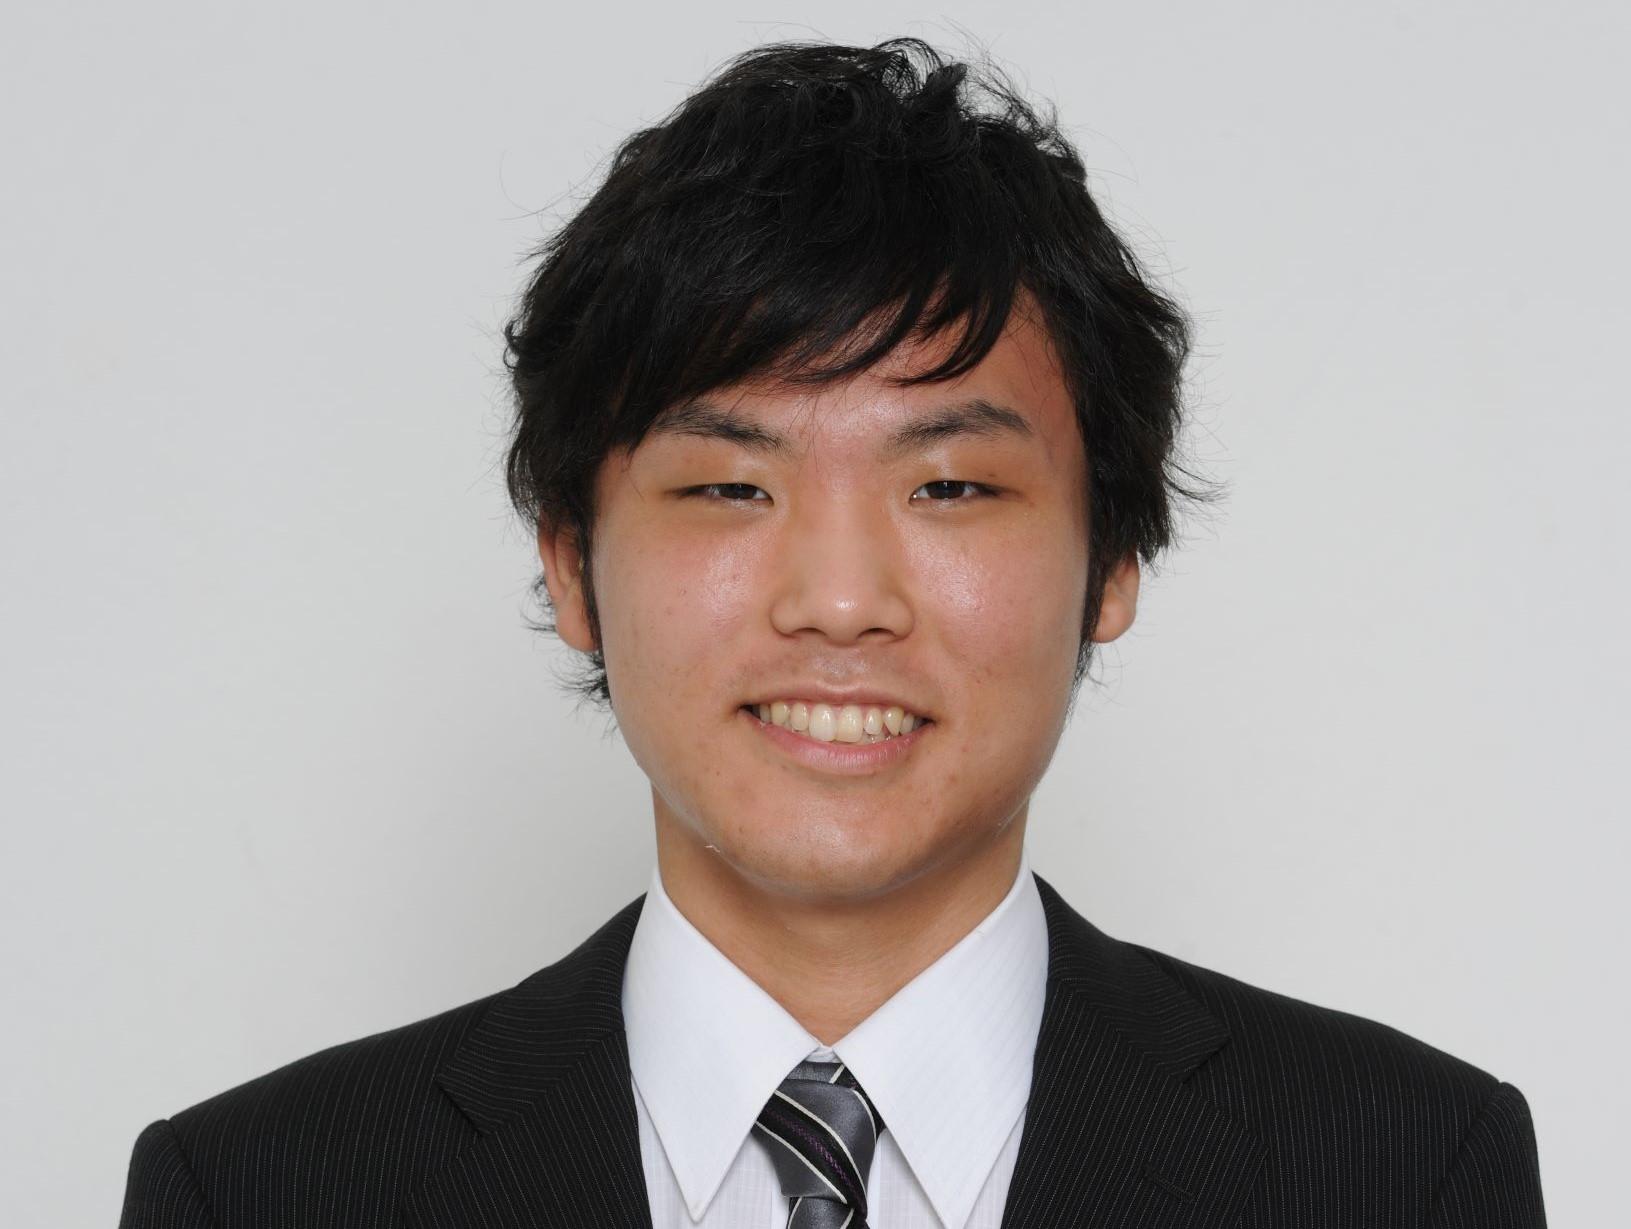 ピアノ教室 水曜日 斉藤豊先生